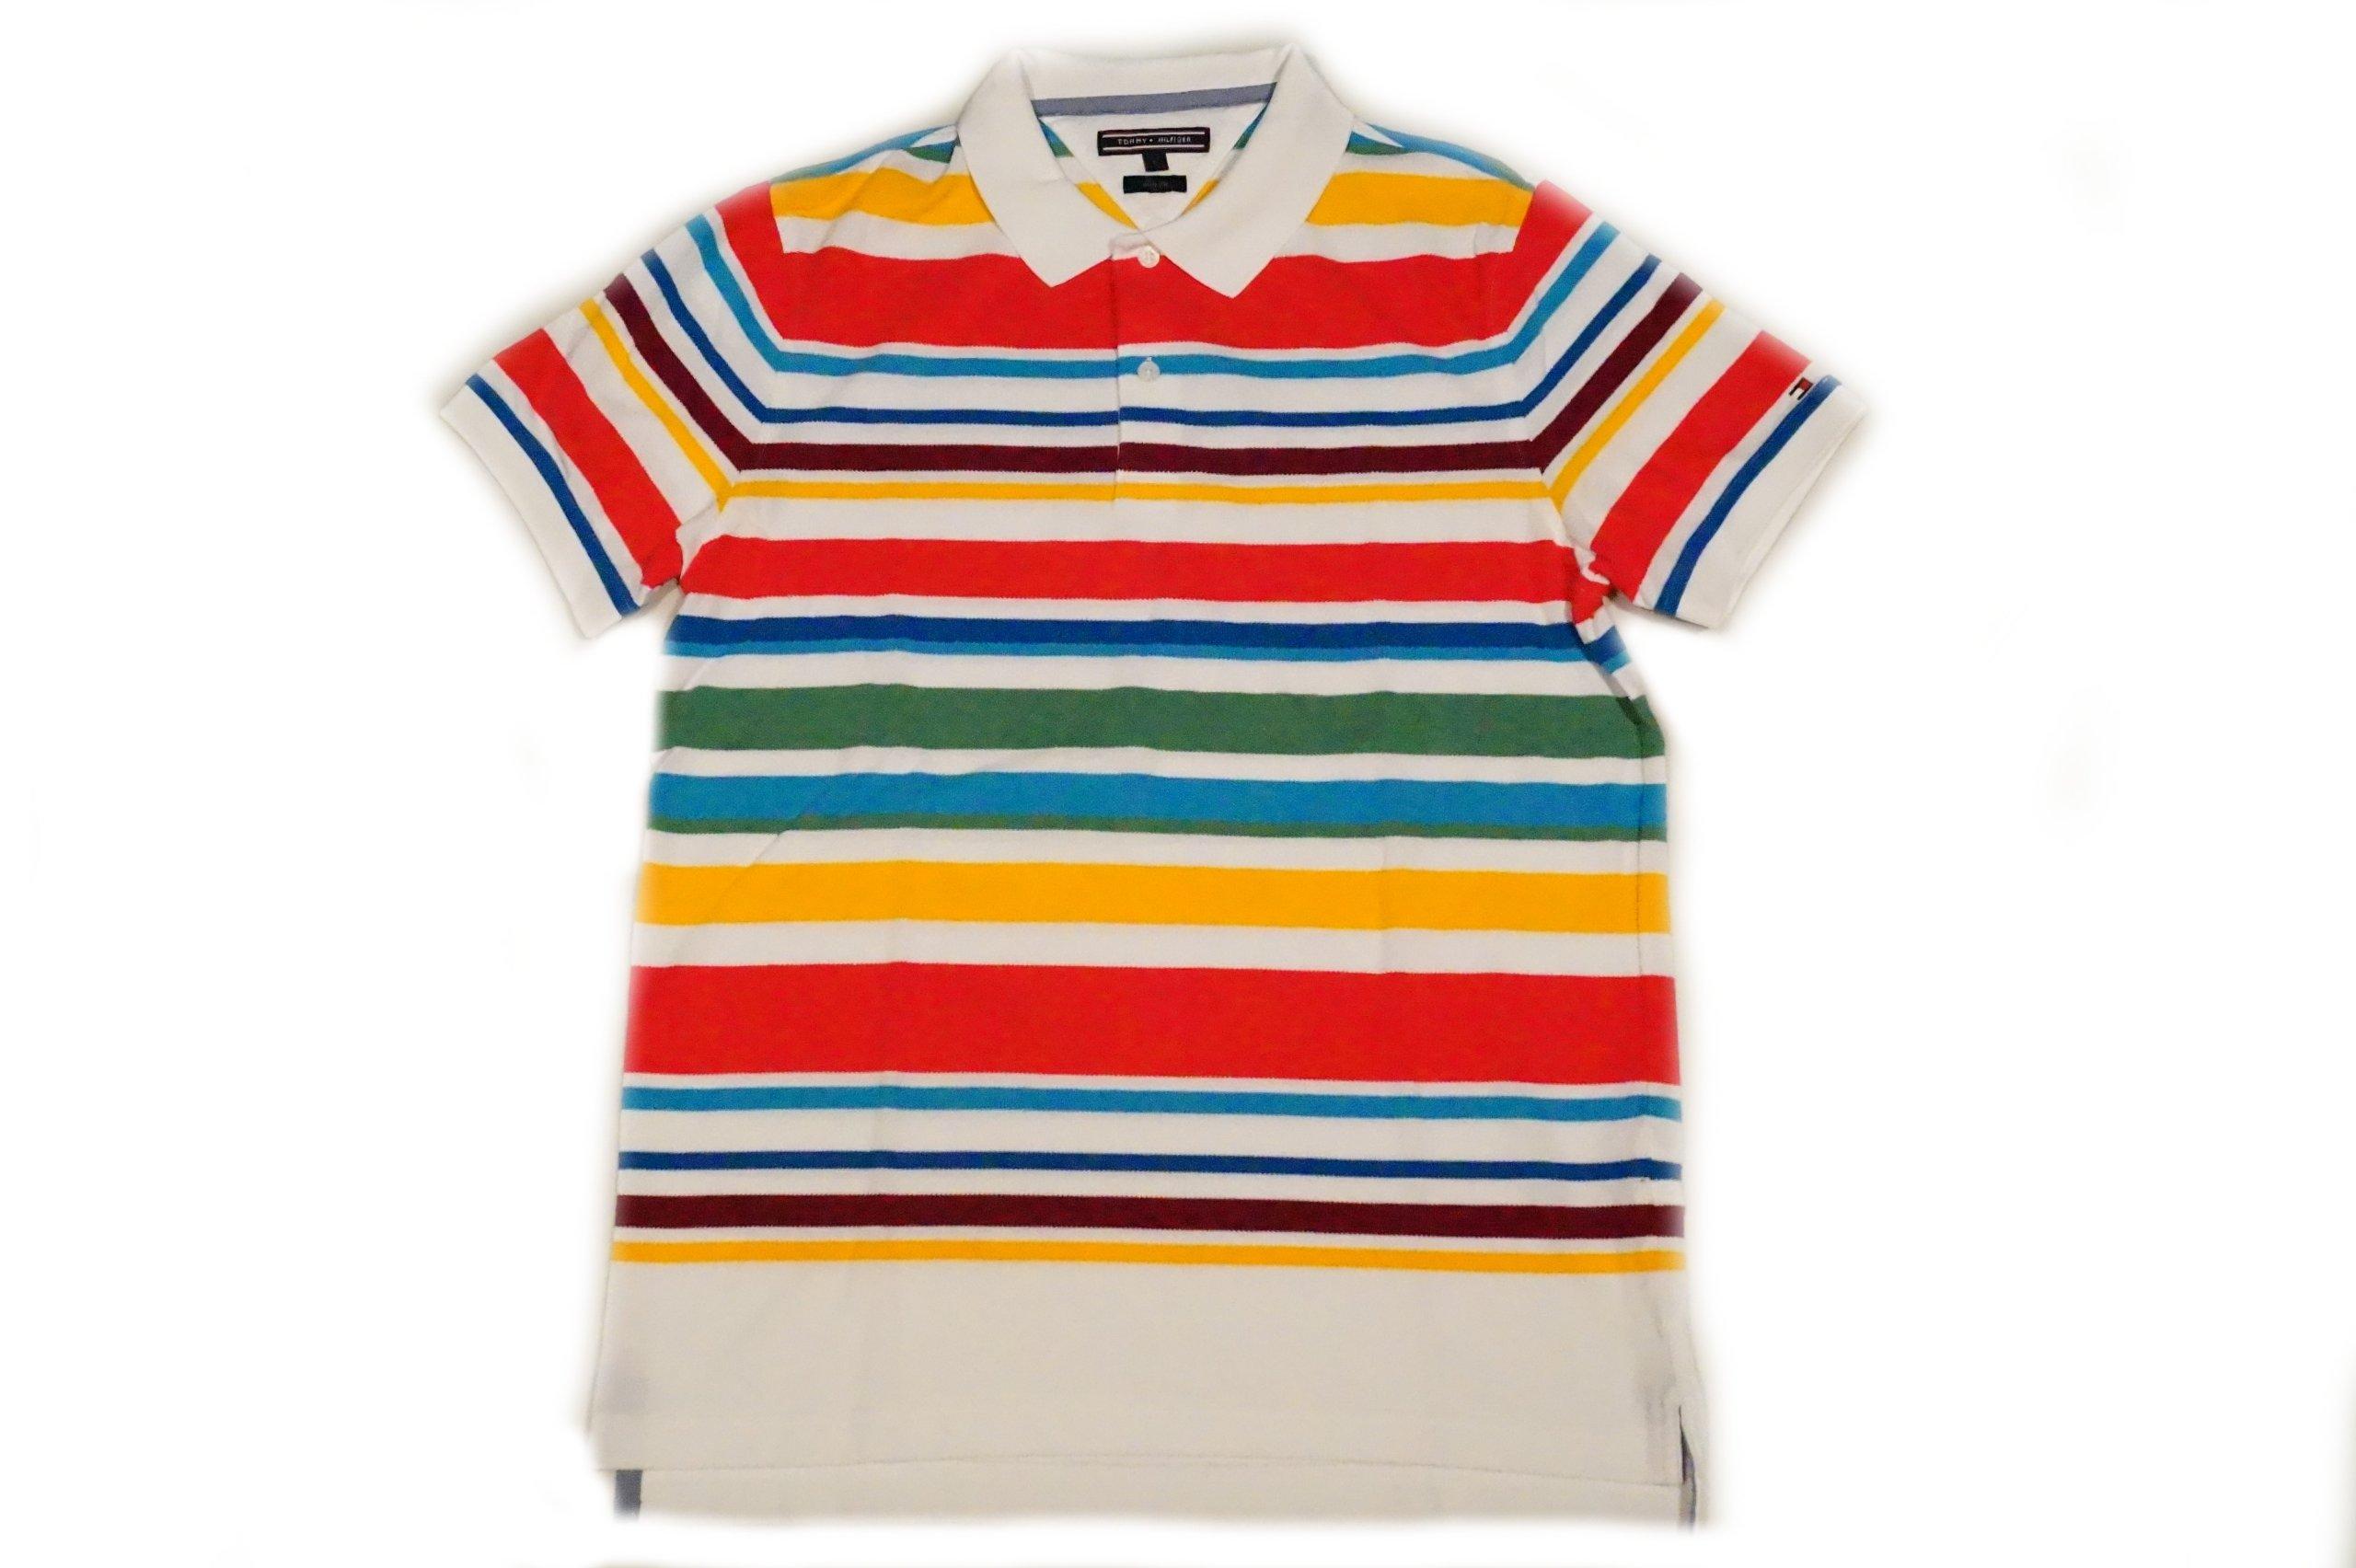 TOMMY HILFIGER Koszulka POLO WIELOKOLOROWA Roz: L